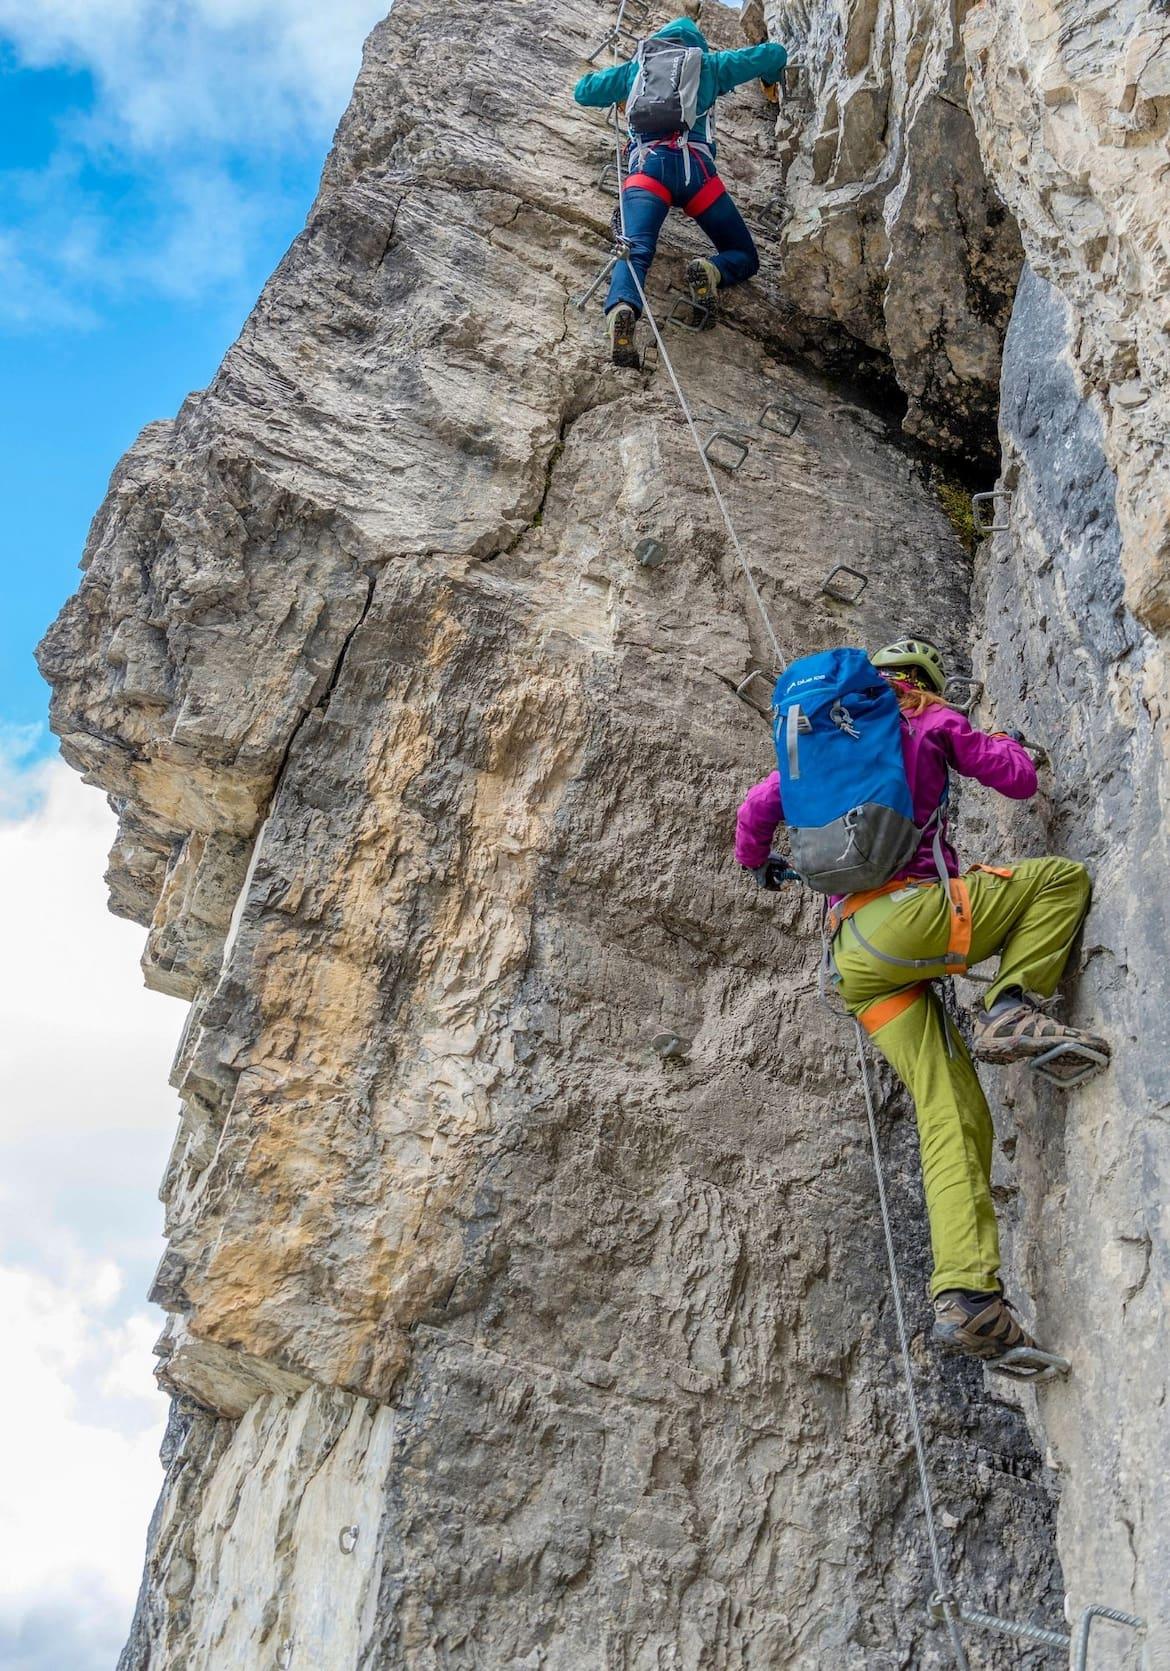 Die Klettergruppe in einer steilen, anspruchsvollen Passage der Gerlossteinwand